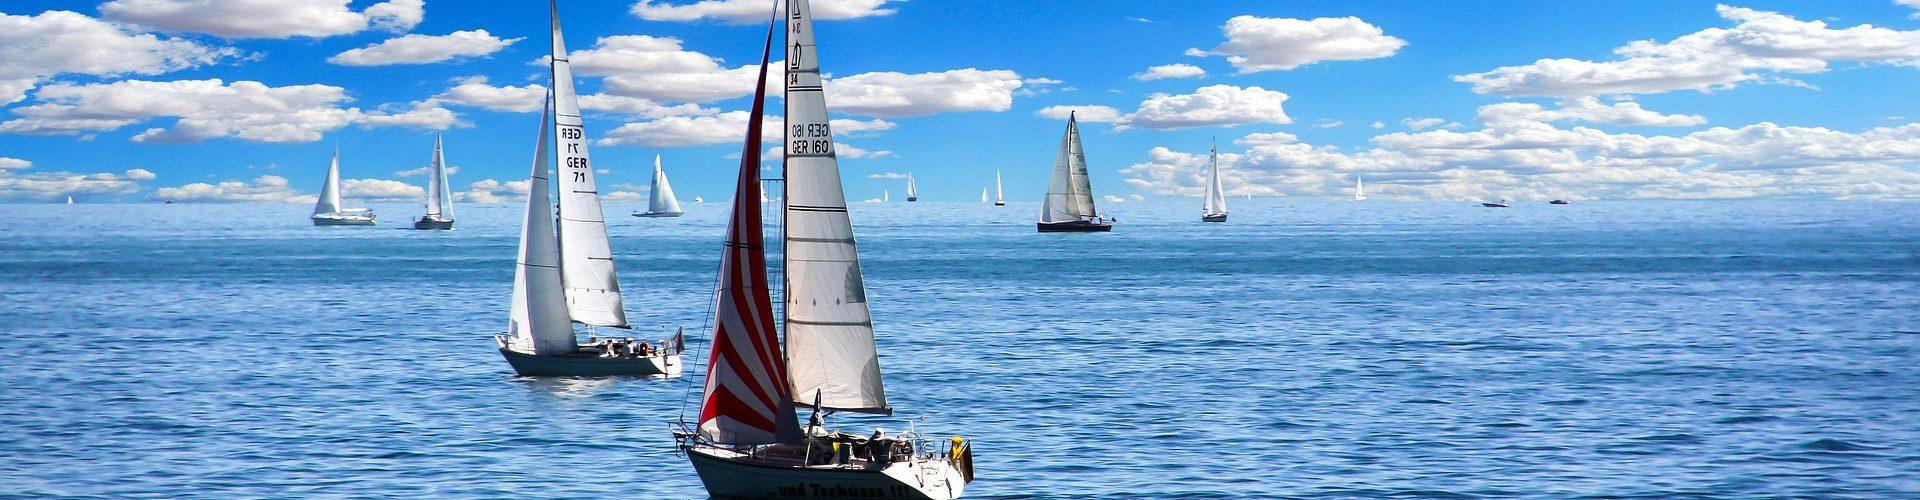 segeln lernen in Bansin segelschein machen in Bansin 1920x500 - Segeln lernen in Bansin